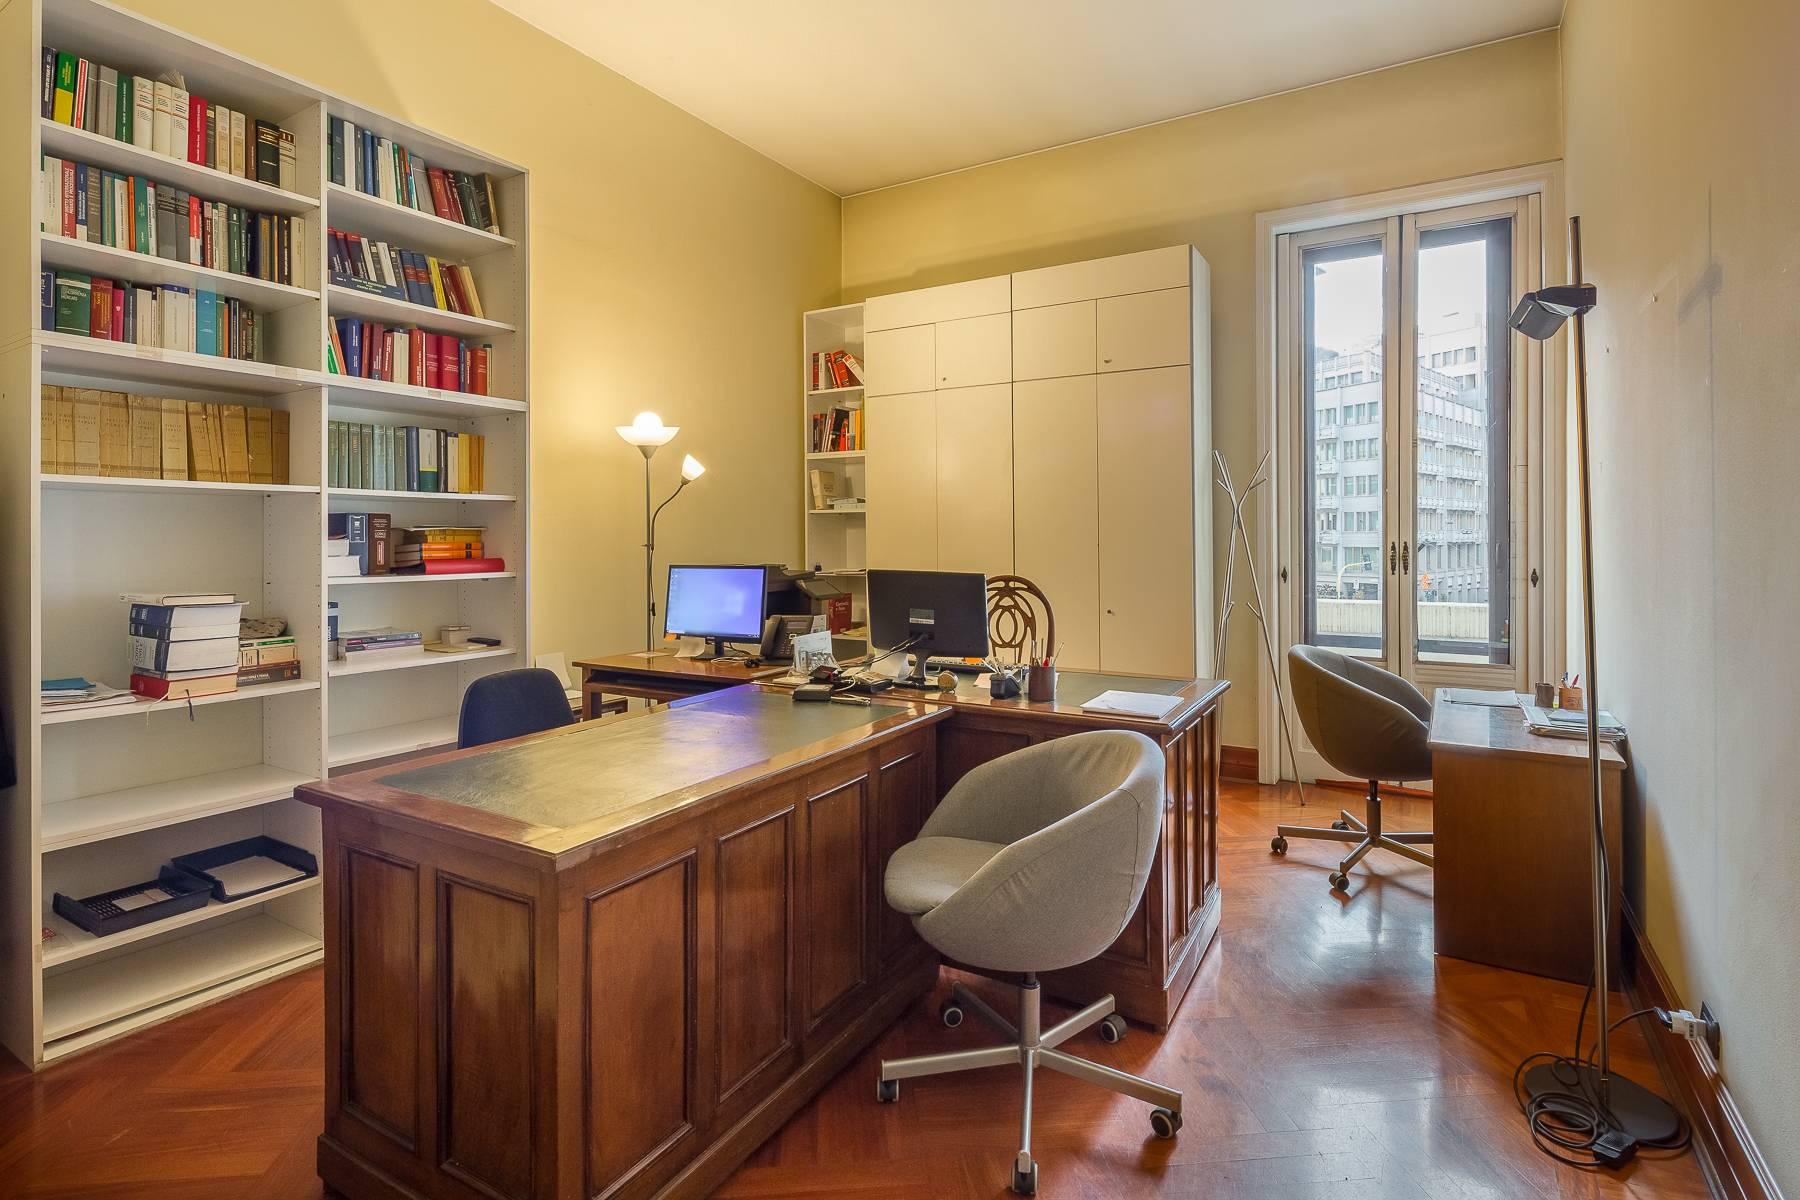 Ufficio-studio in Vendita a Milano: 5 locali, 470 mq - Foto 10